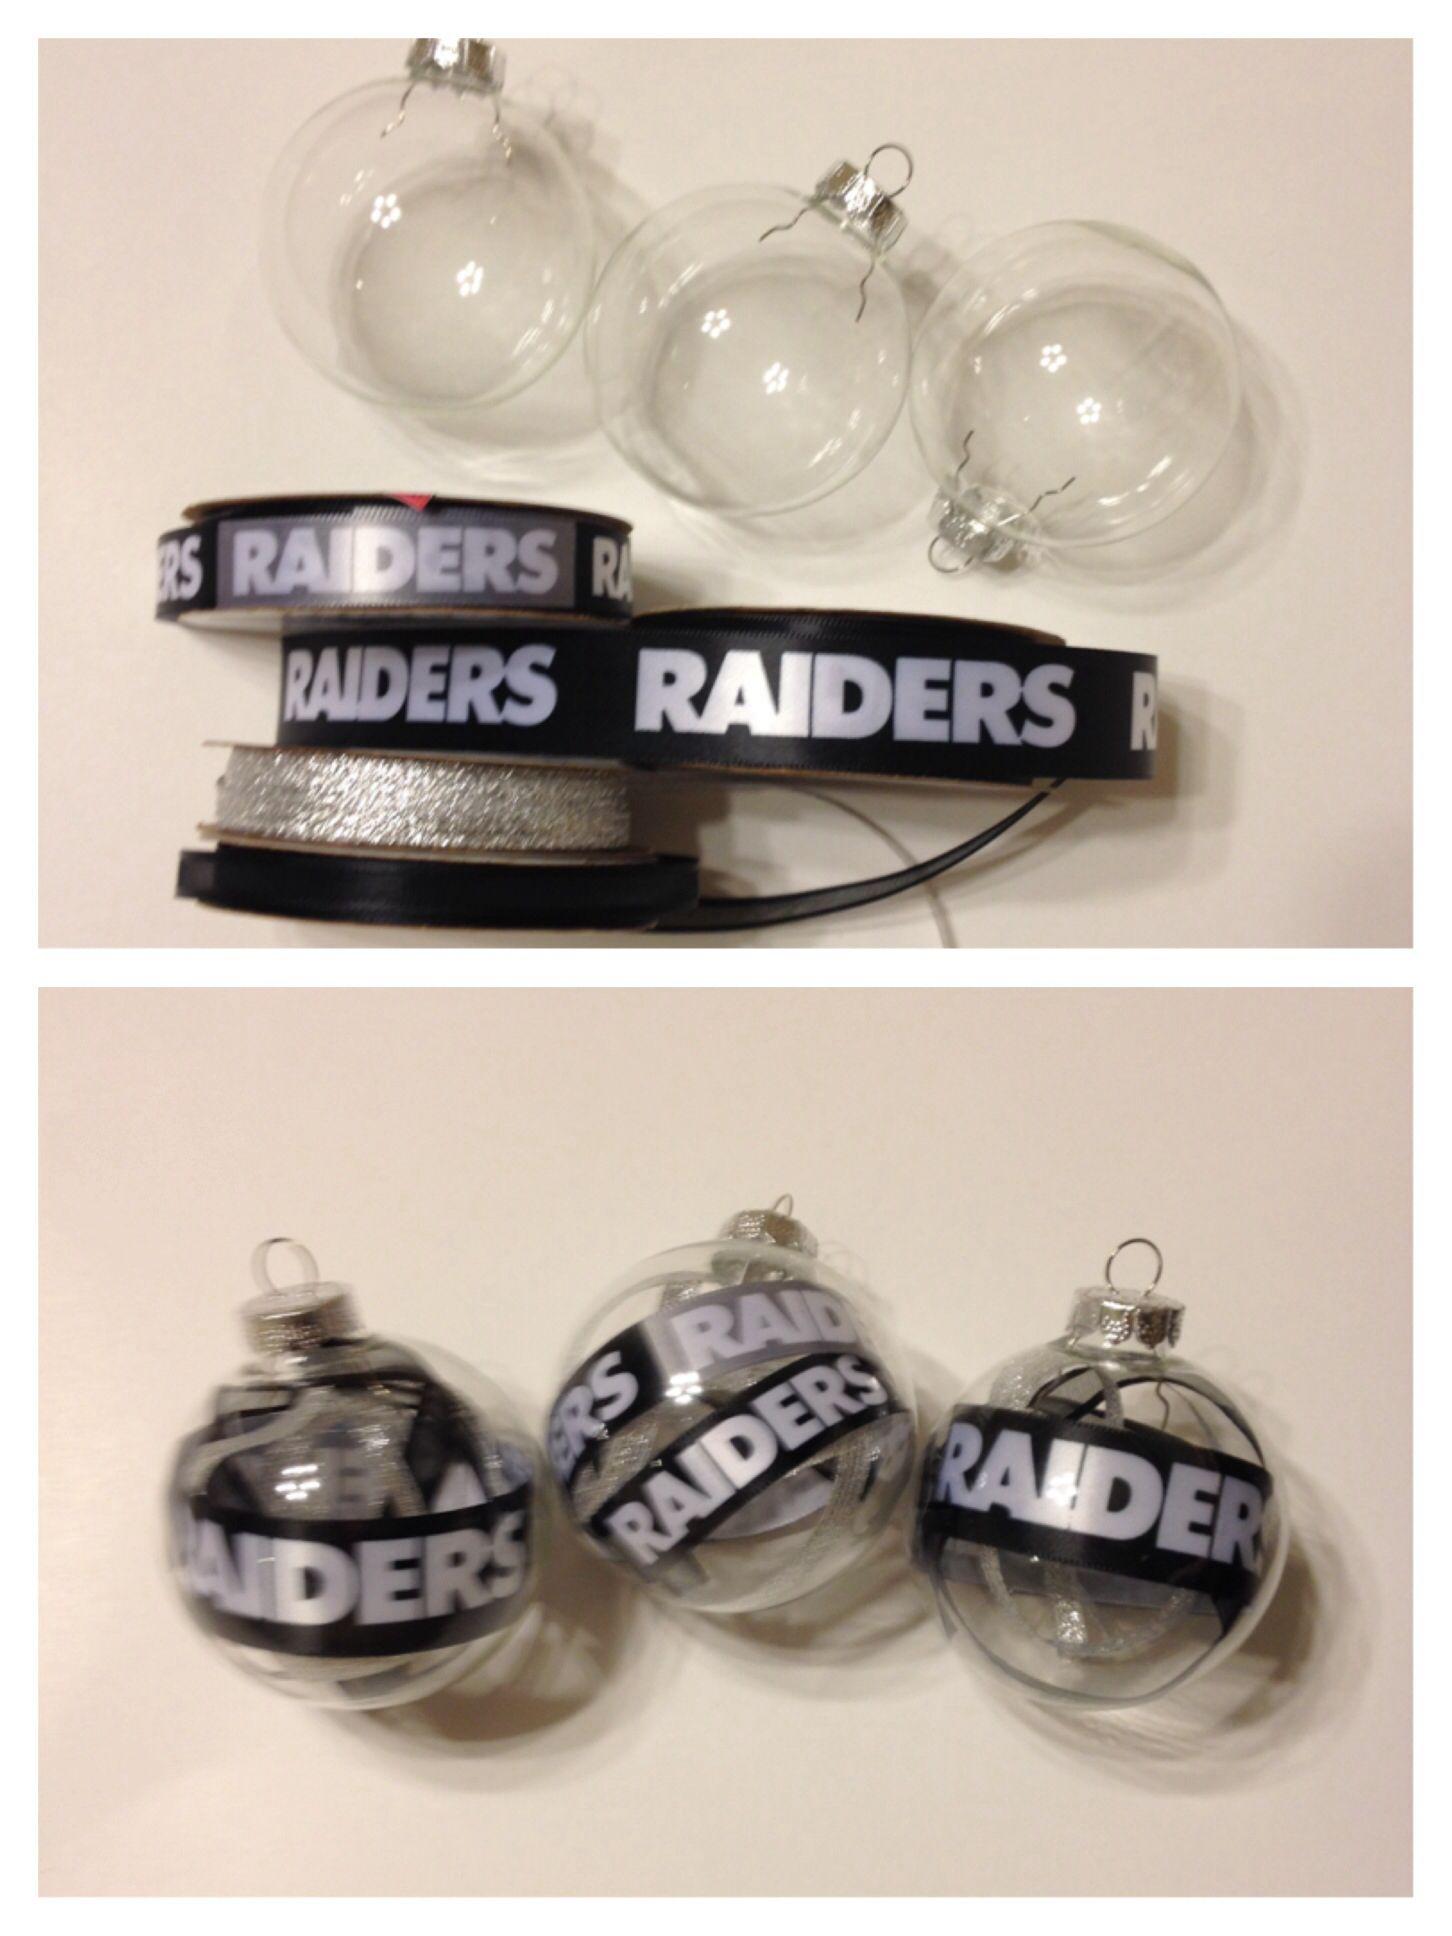 Raiders Christmas ornaments | BY ME | Pinterest | Raiders, Christmas ...